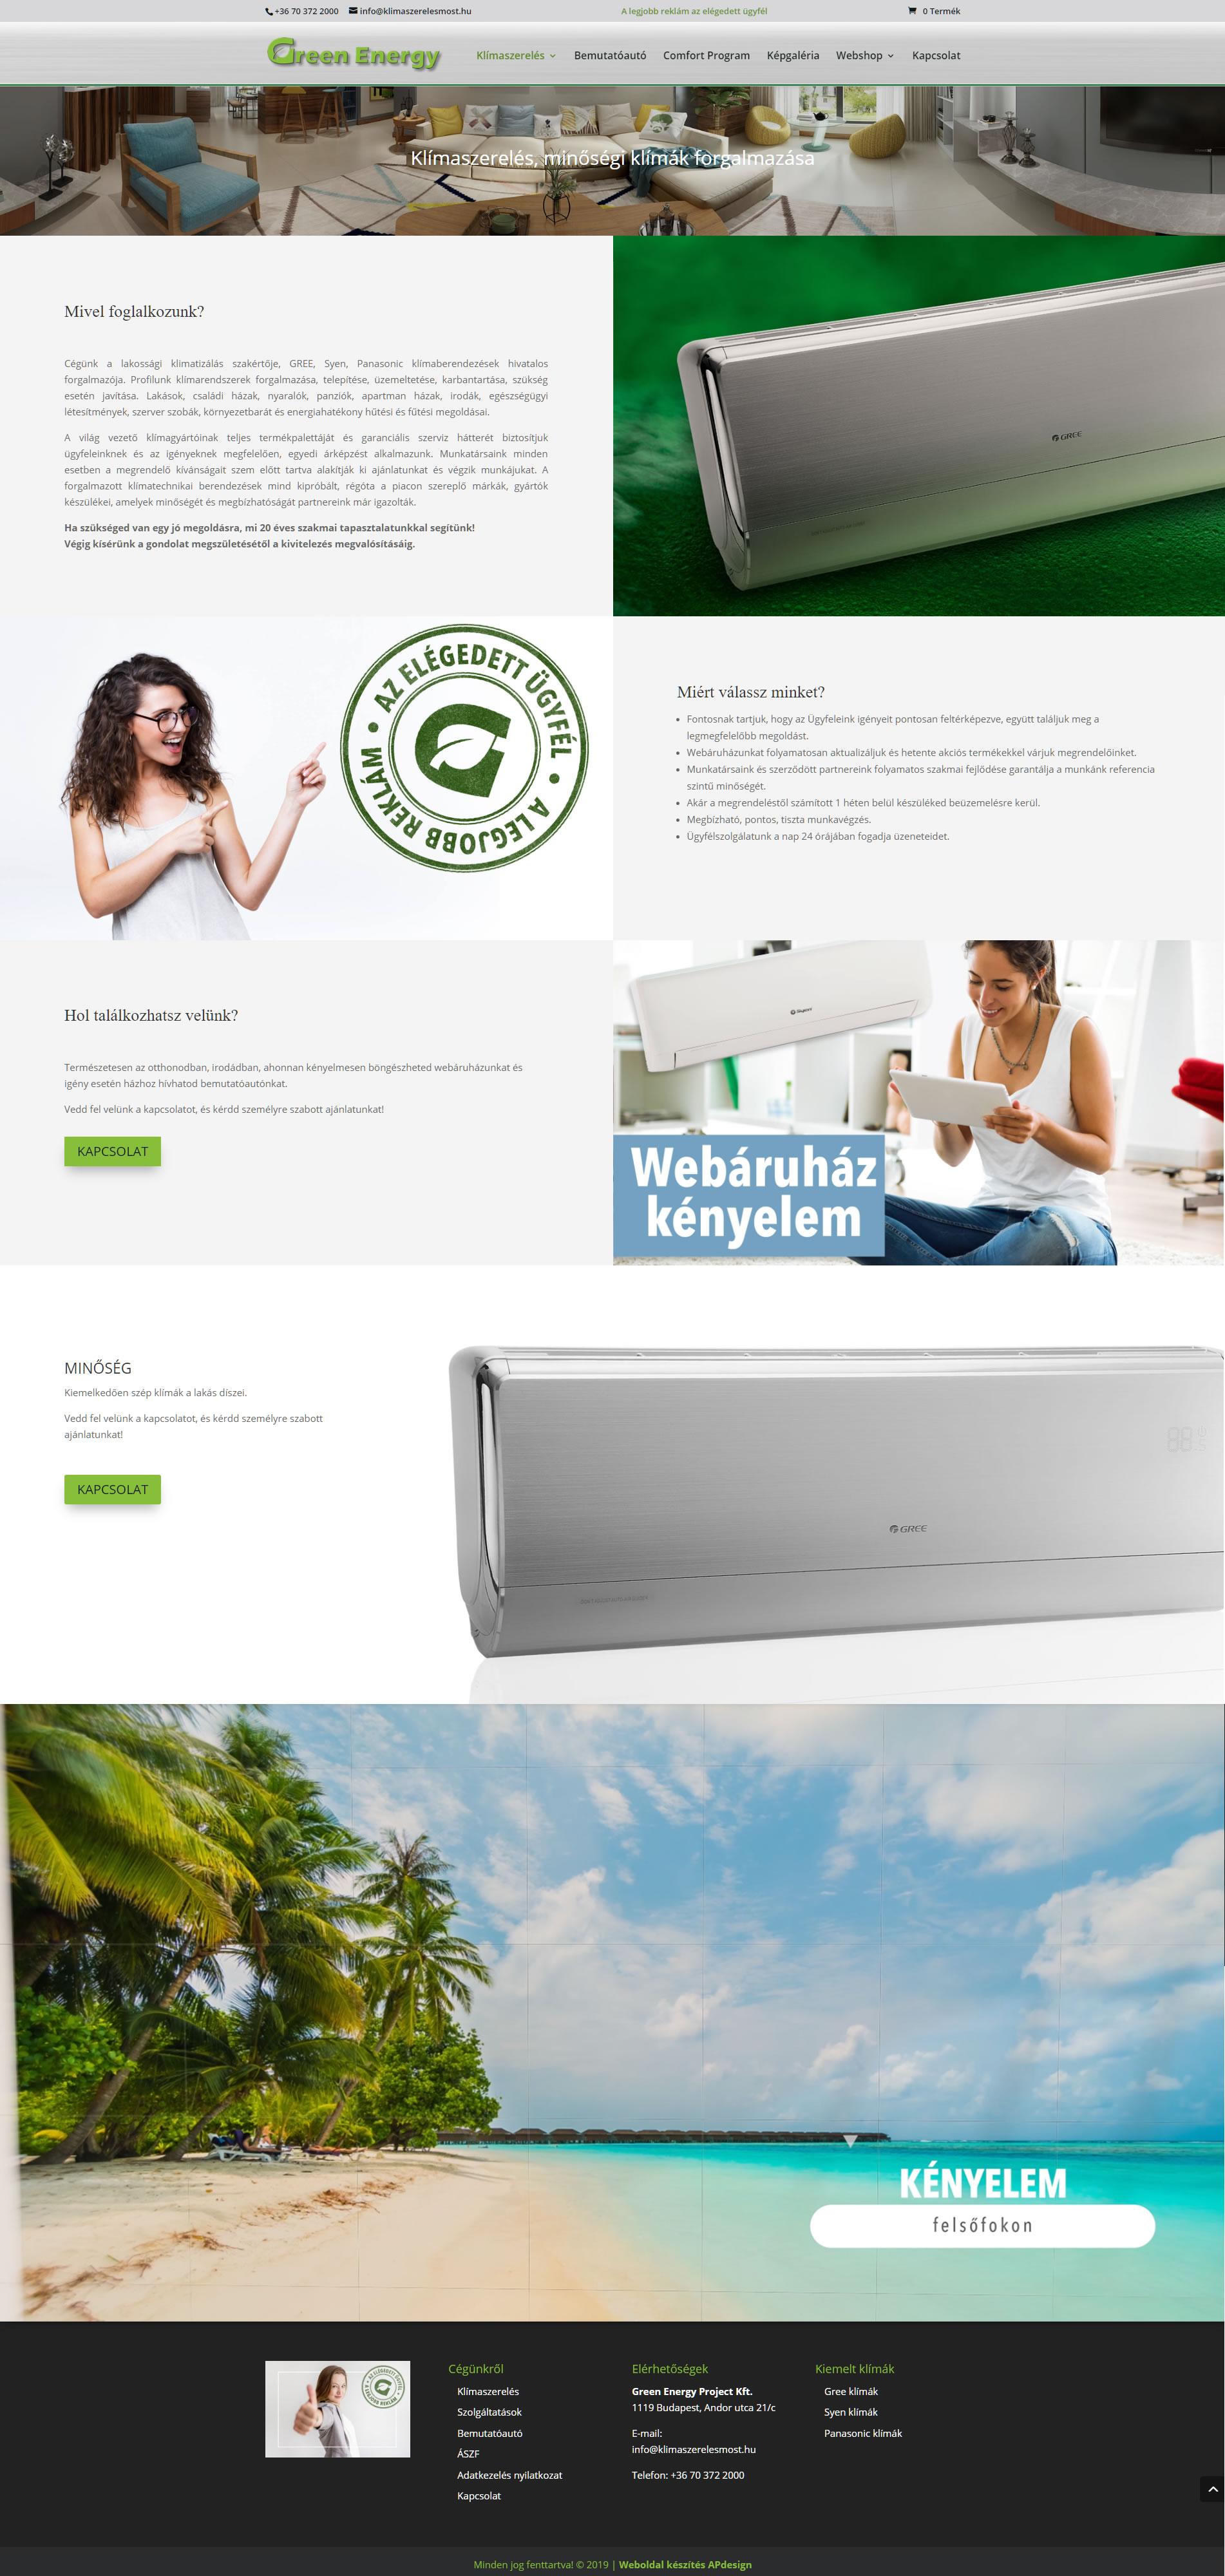 Green Energy klímaszerelési szolgáltatások